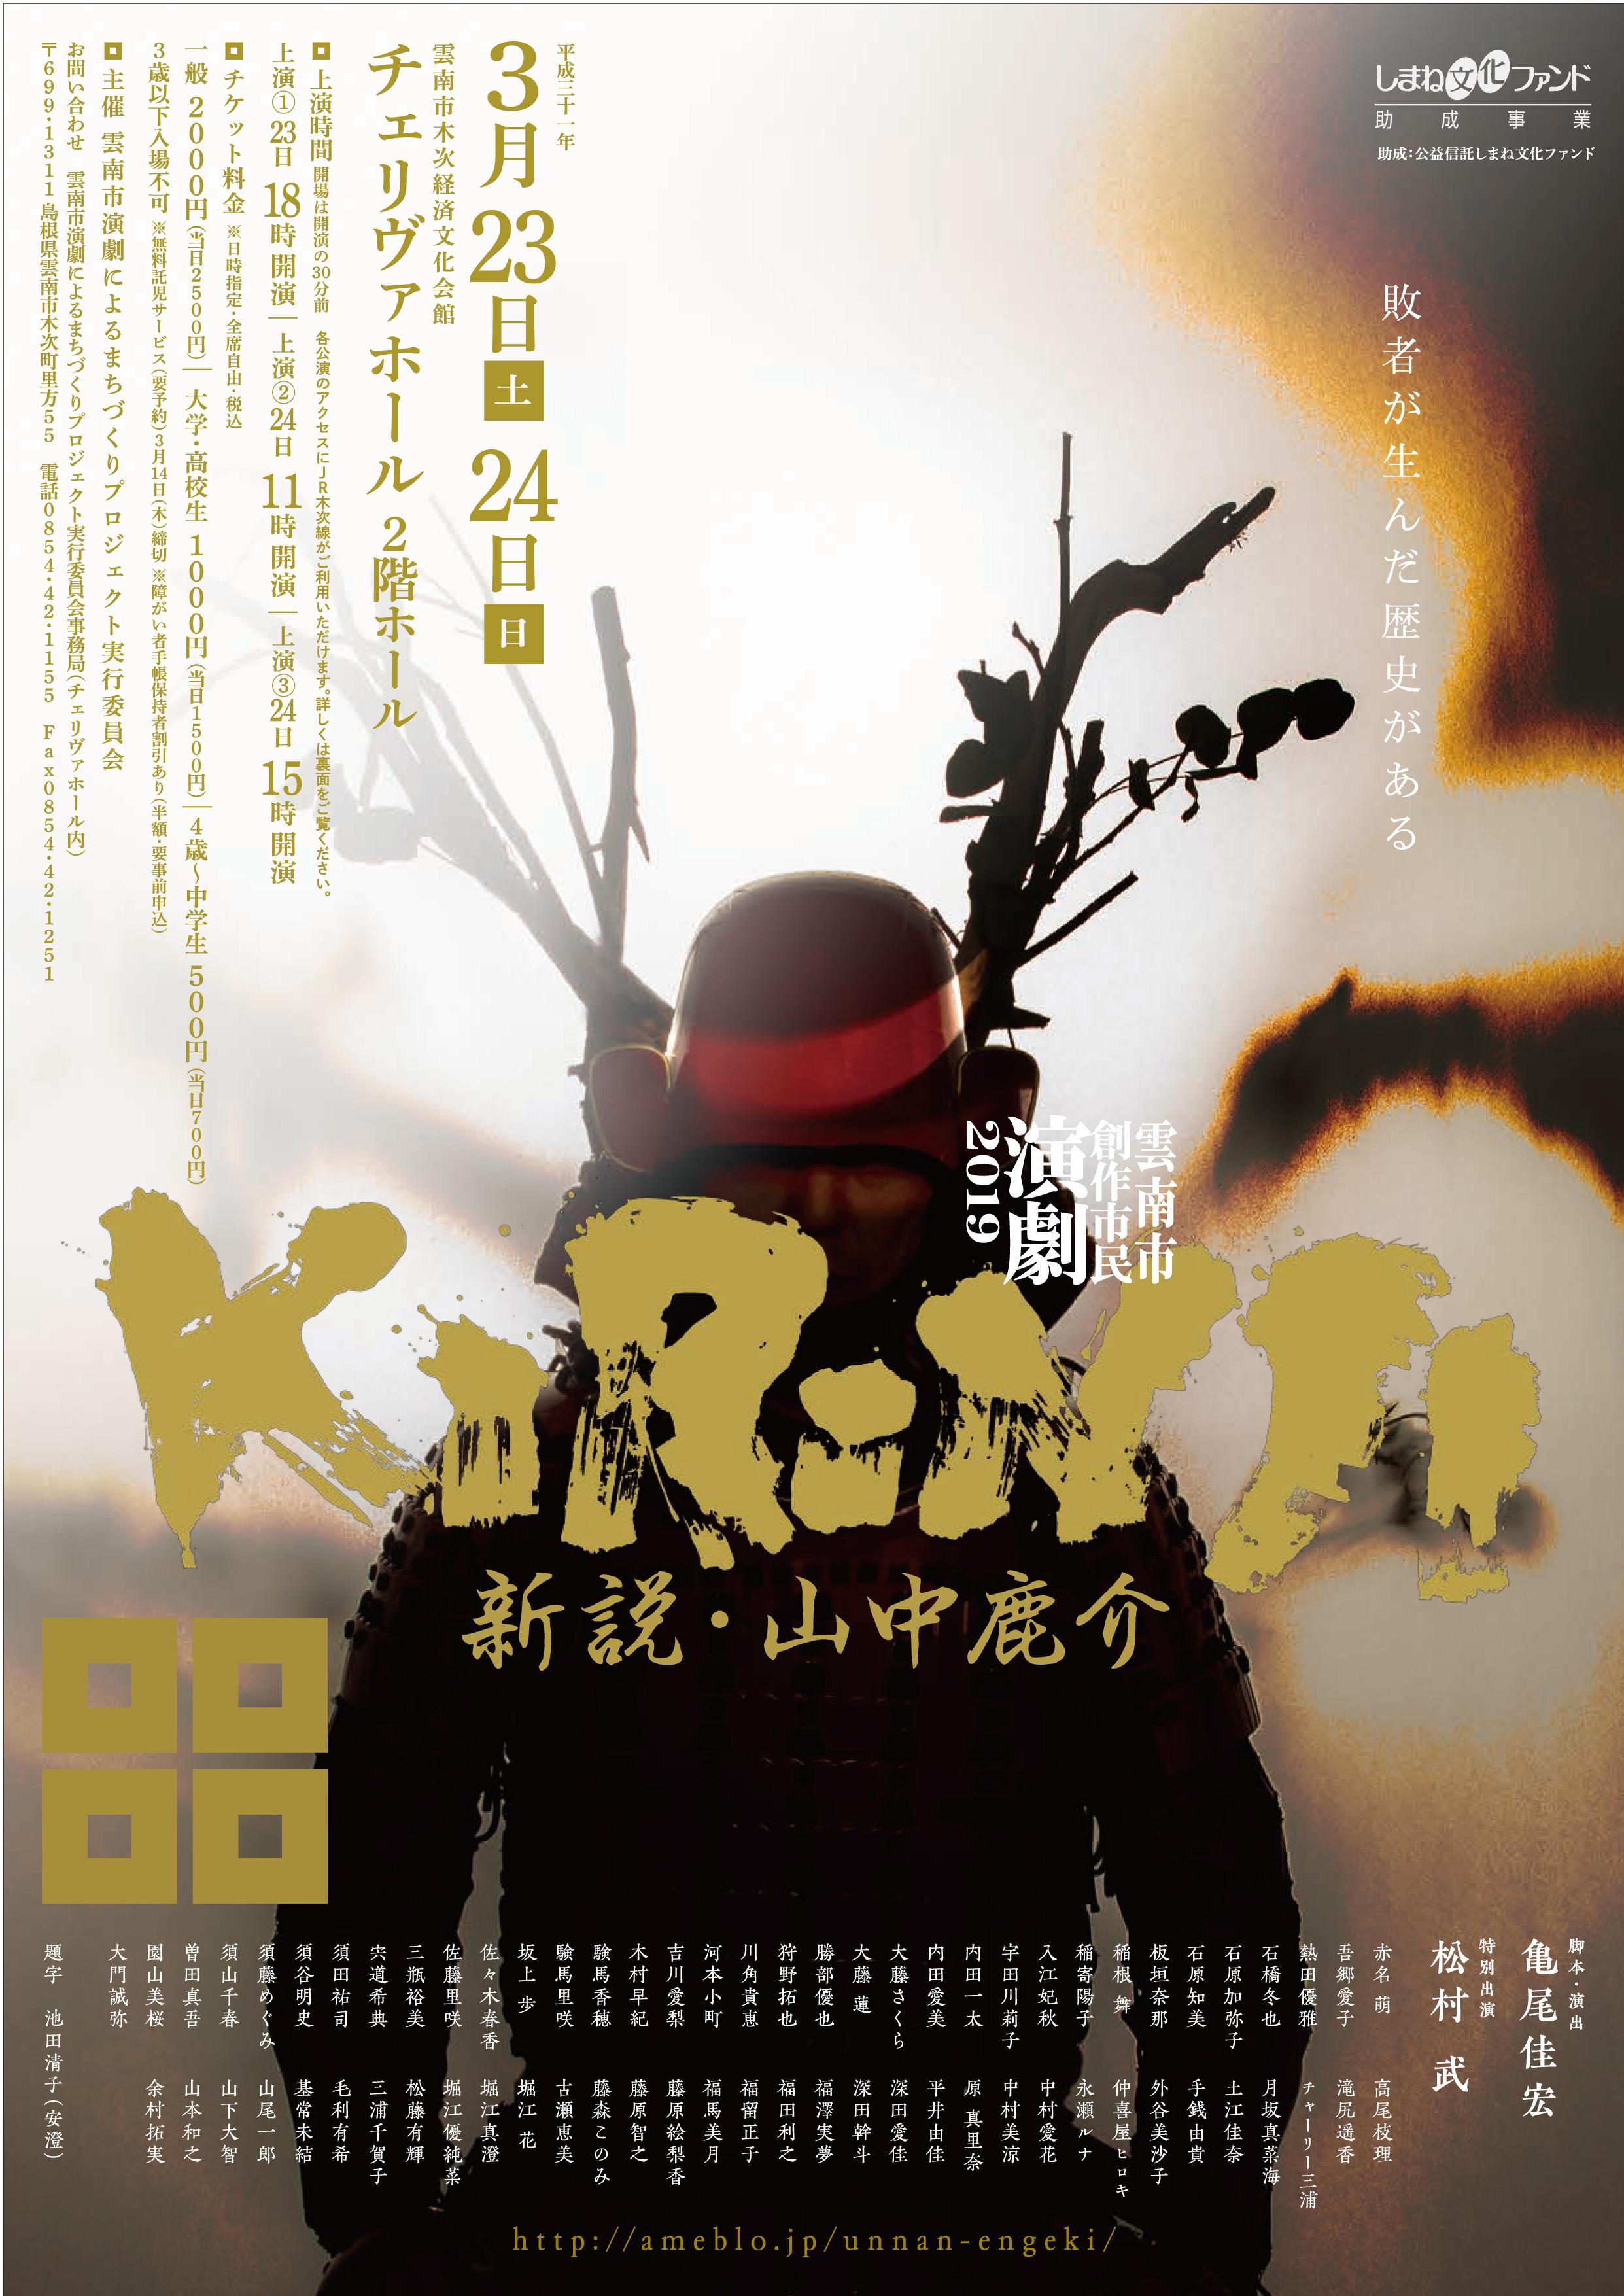 【チケット発売日1/27(日)】雲南市創作市民演劇2019「KIRINJI 新説 山中鹿介」